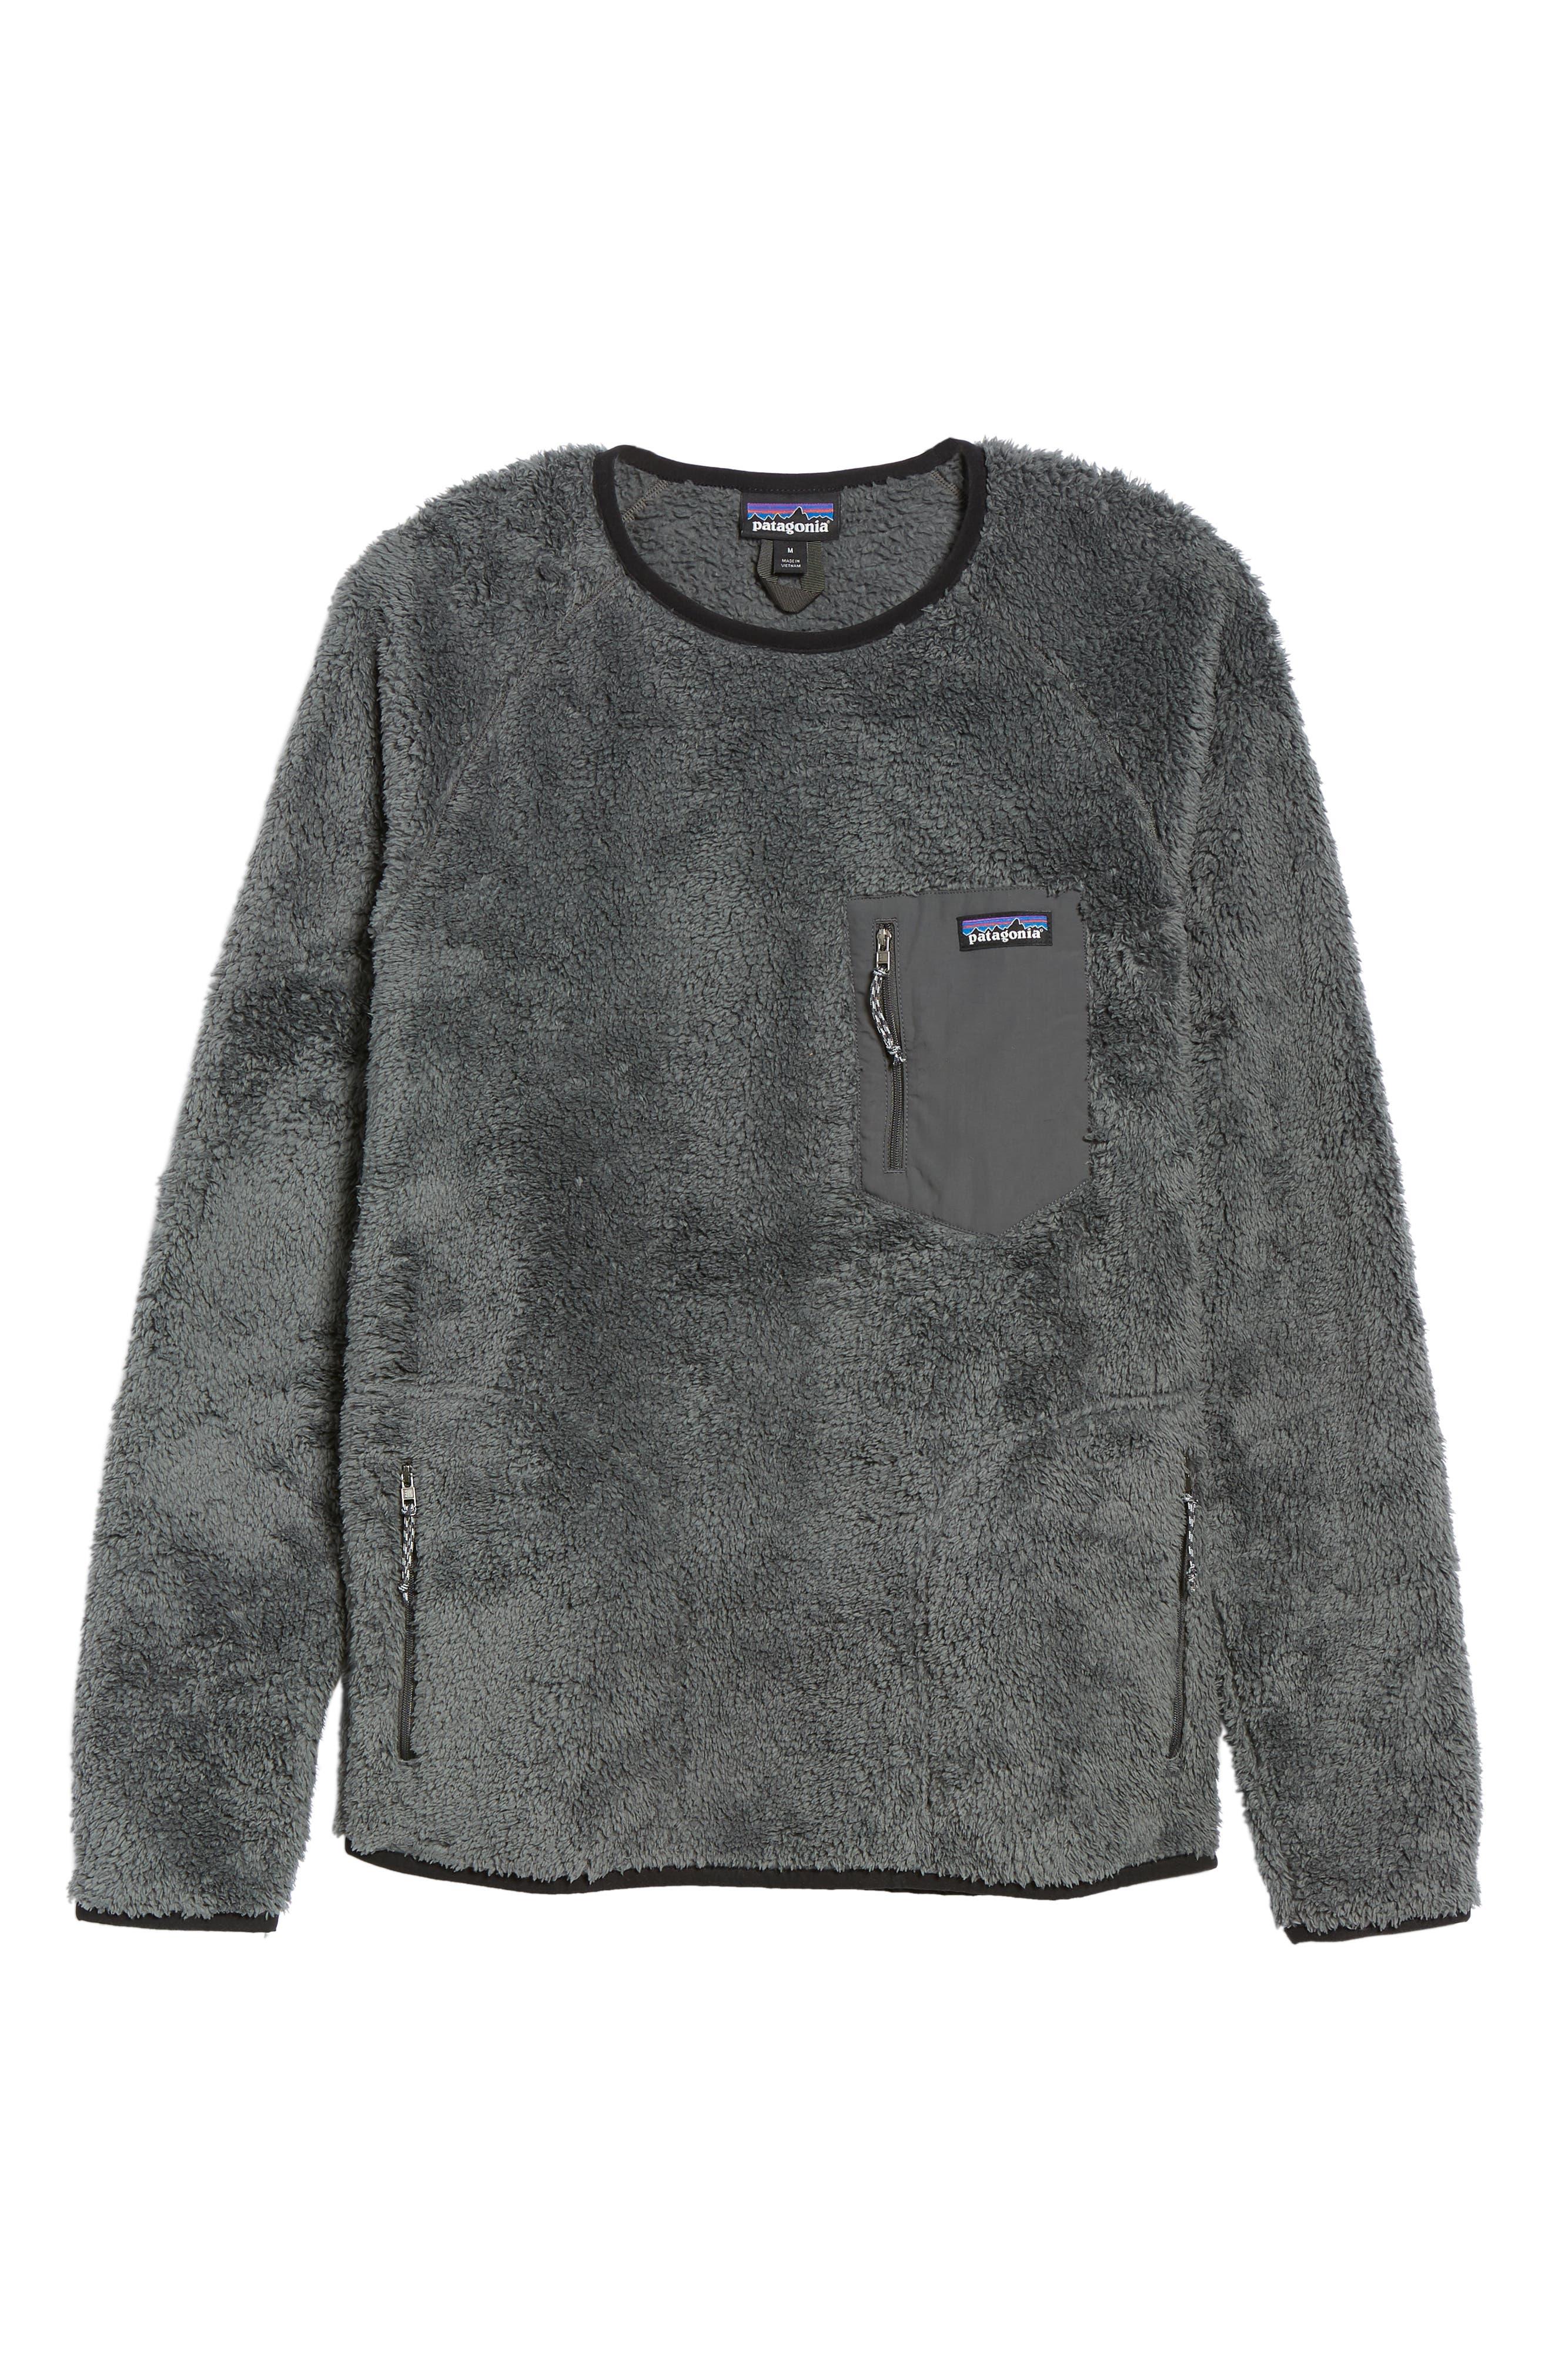 Los Gatos Fleece Crewneck Sweatshirt,                             Alternate thumbnail 6, color,                             020